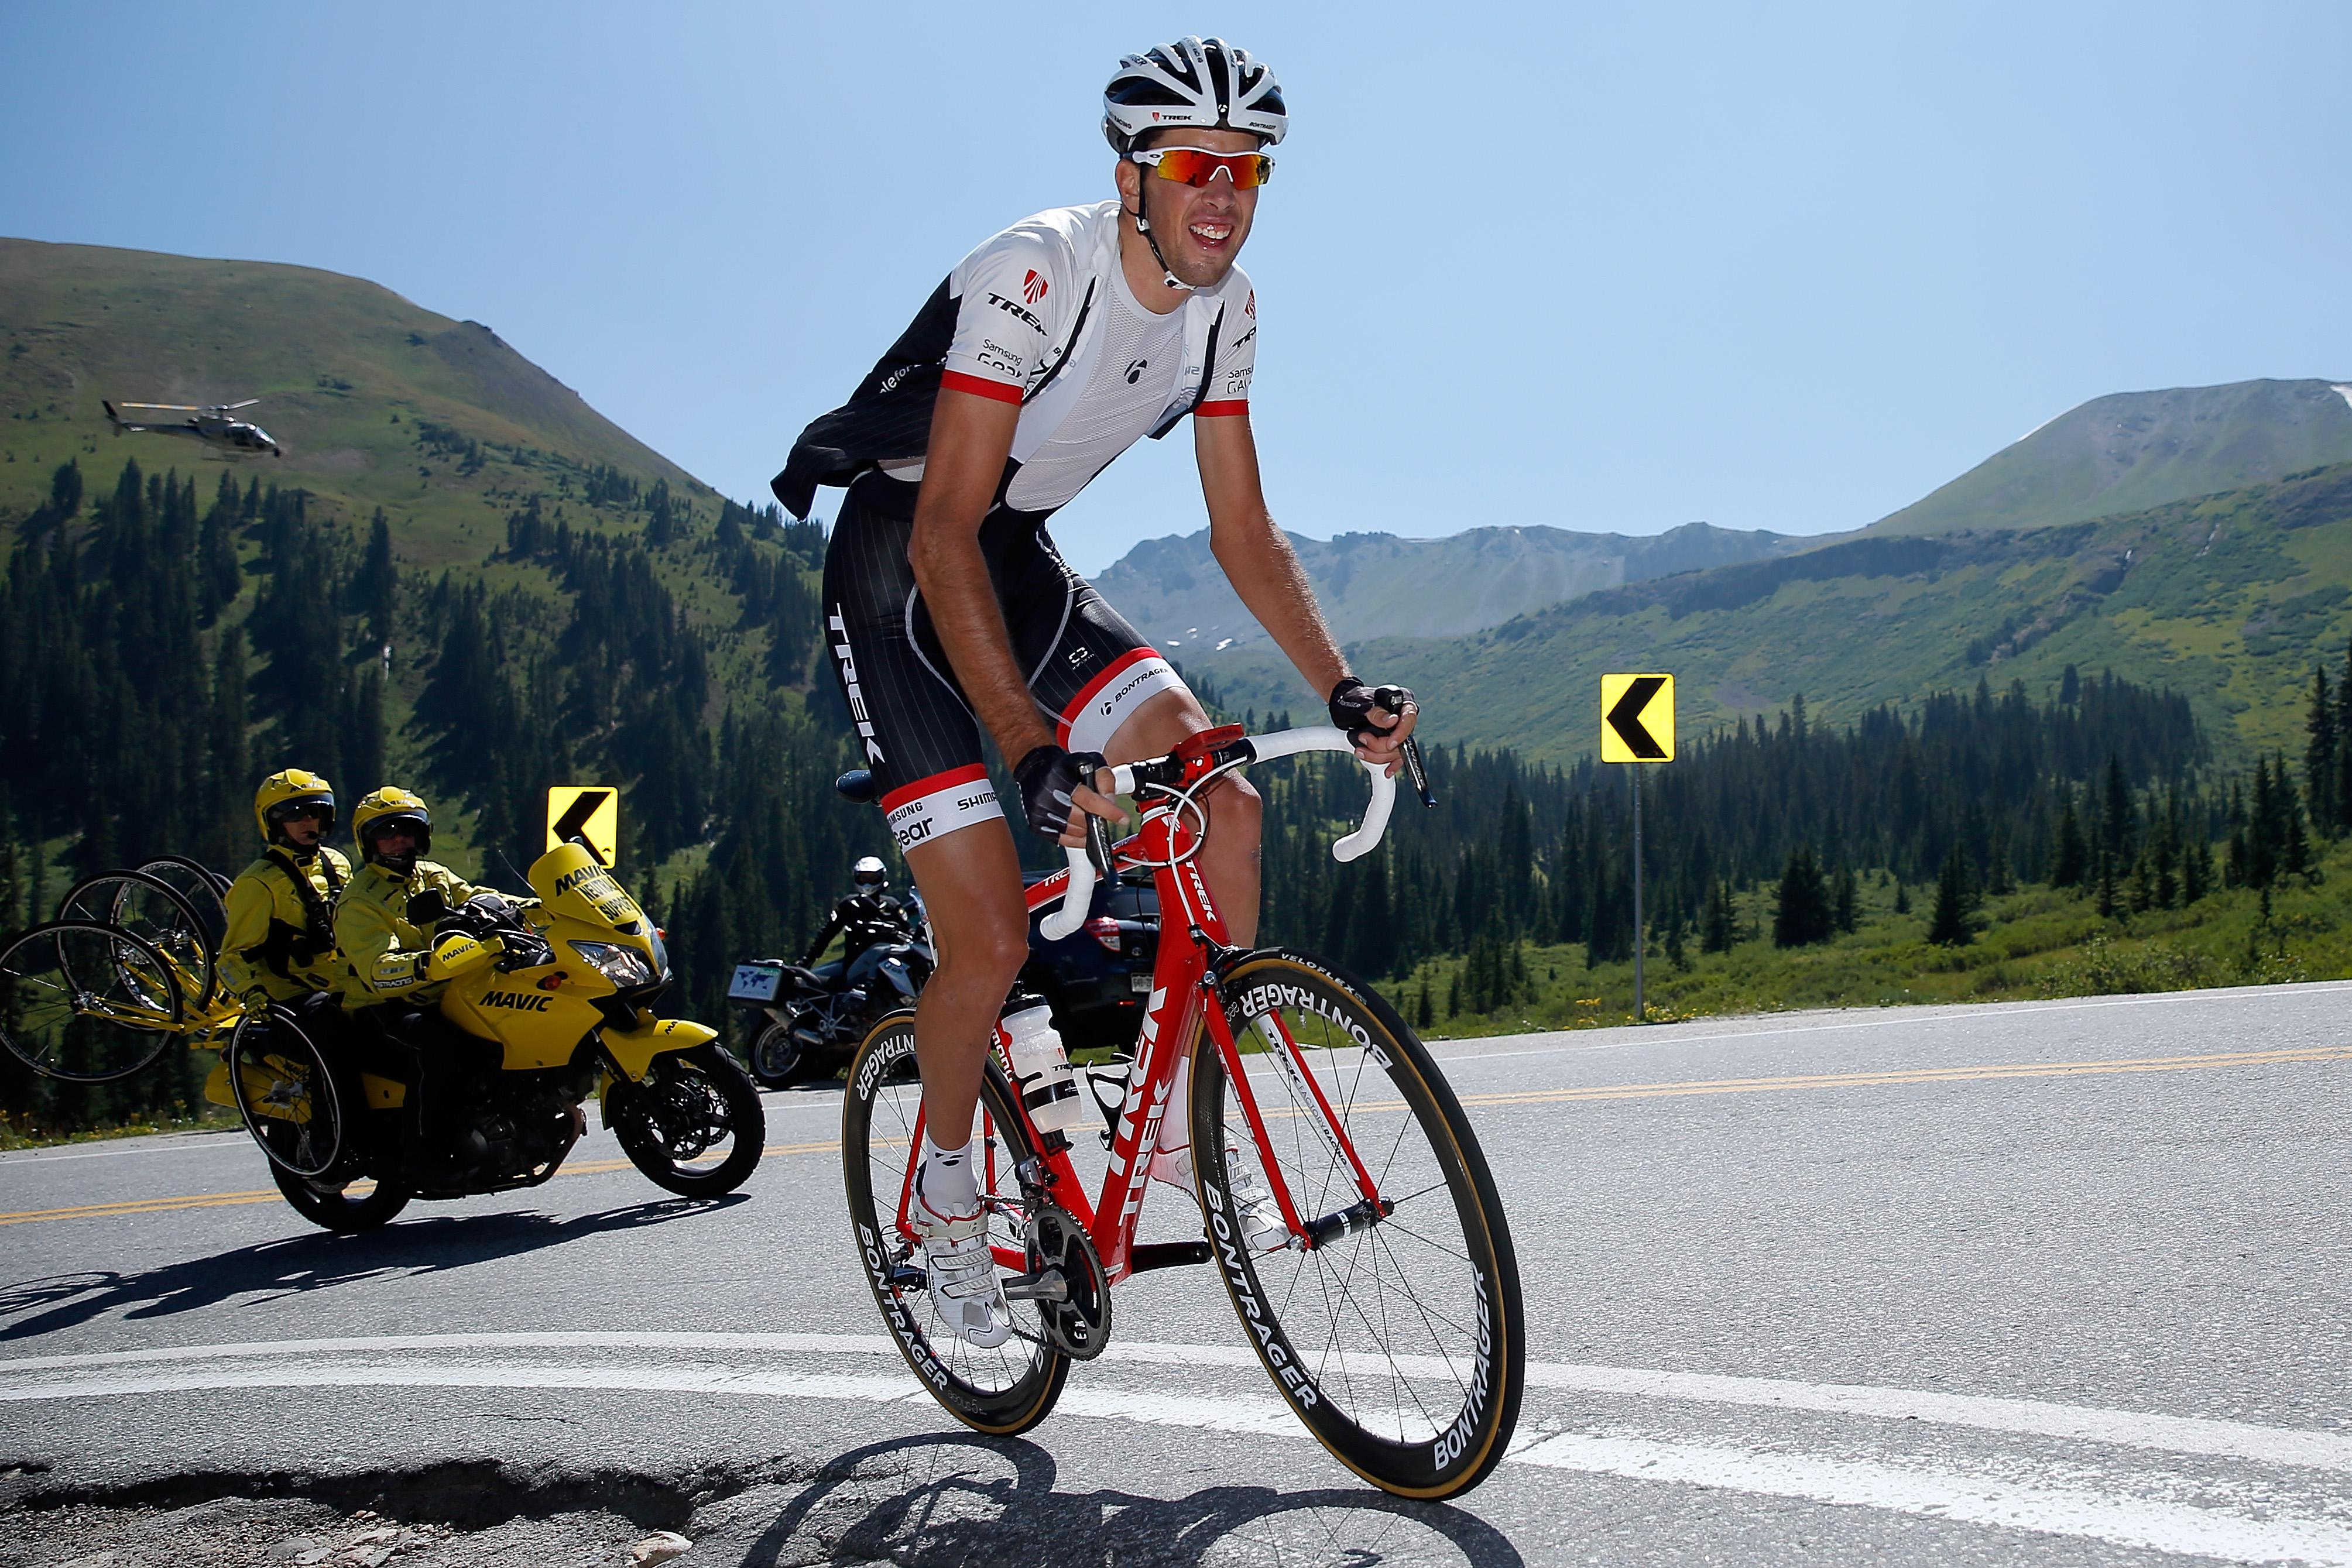 Laurent Didier last rode the Tour de France in 2015